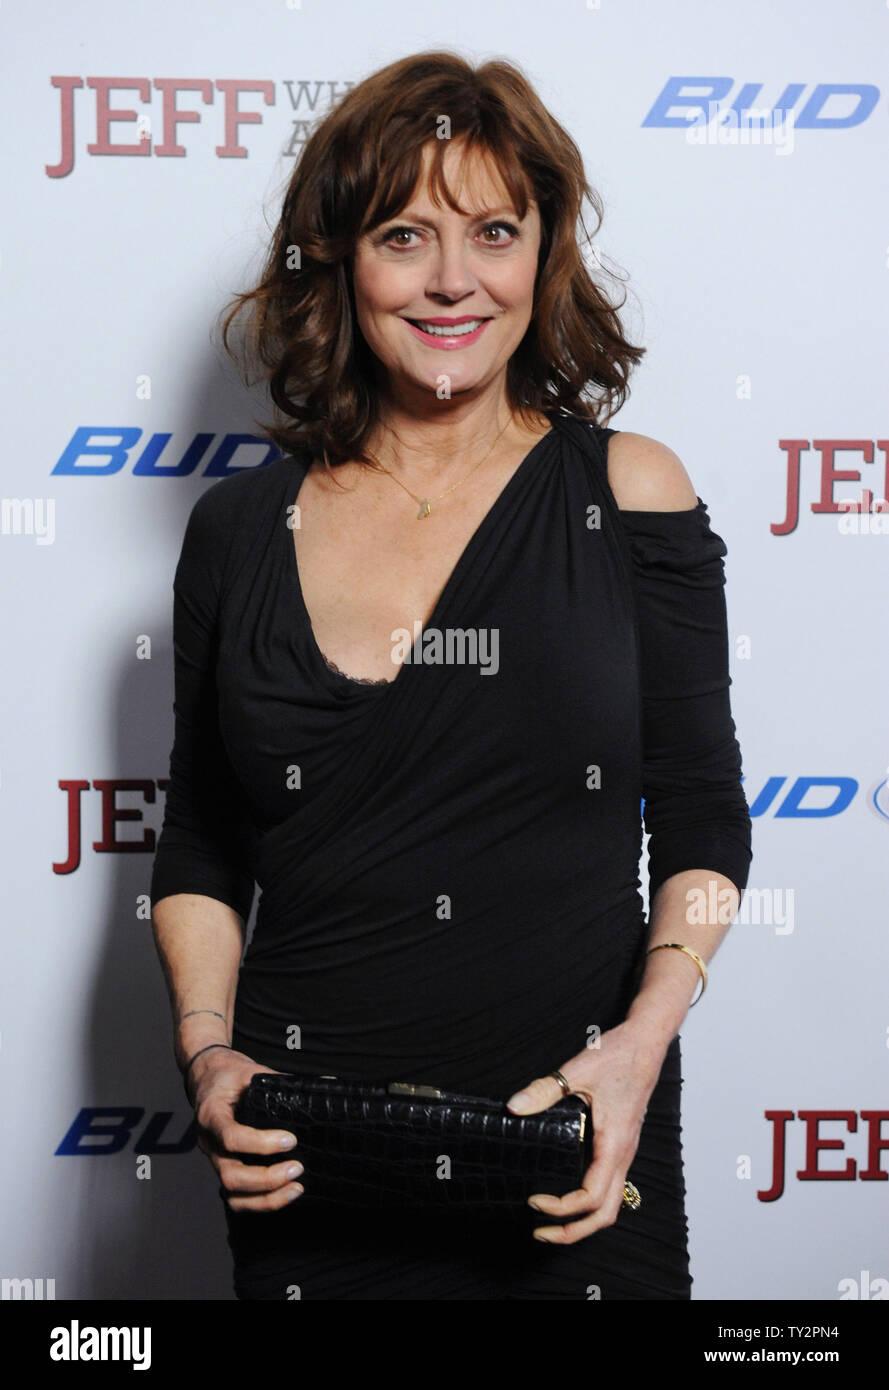 """Susan Sarandon, un miembro del reparto en la Motion Picture comedia 'Jeff, quien vive en casa"""", asiste al estreno de la película en el Directors Guild of America en Los Ángeles el 7 de marzo de 2012. UPI/jim Ruymen Imagen De Stock"""